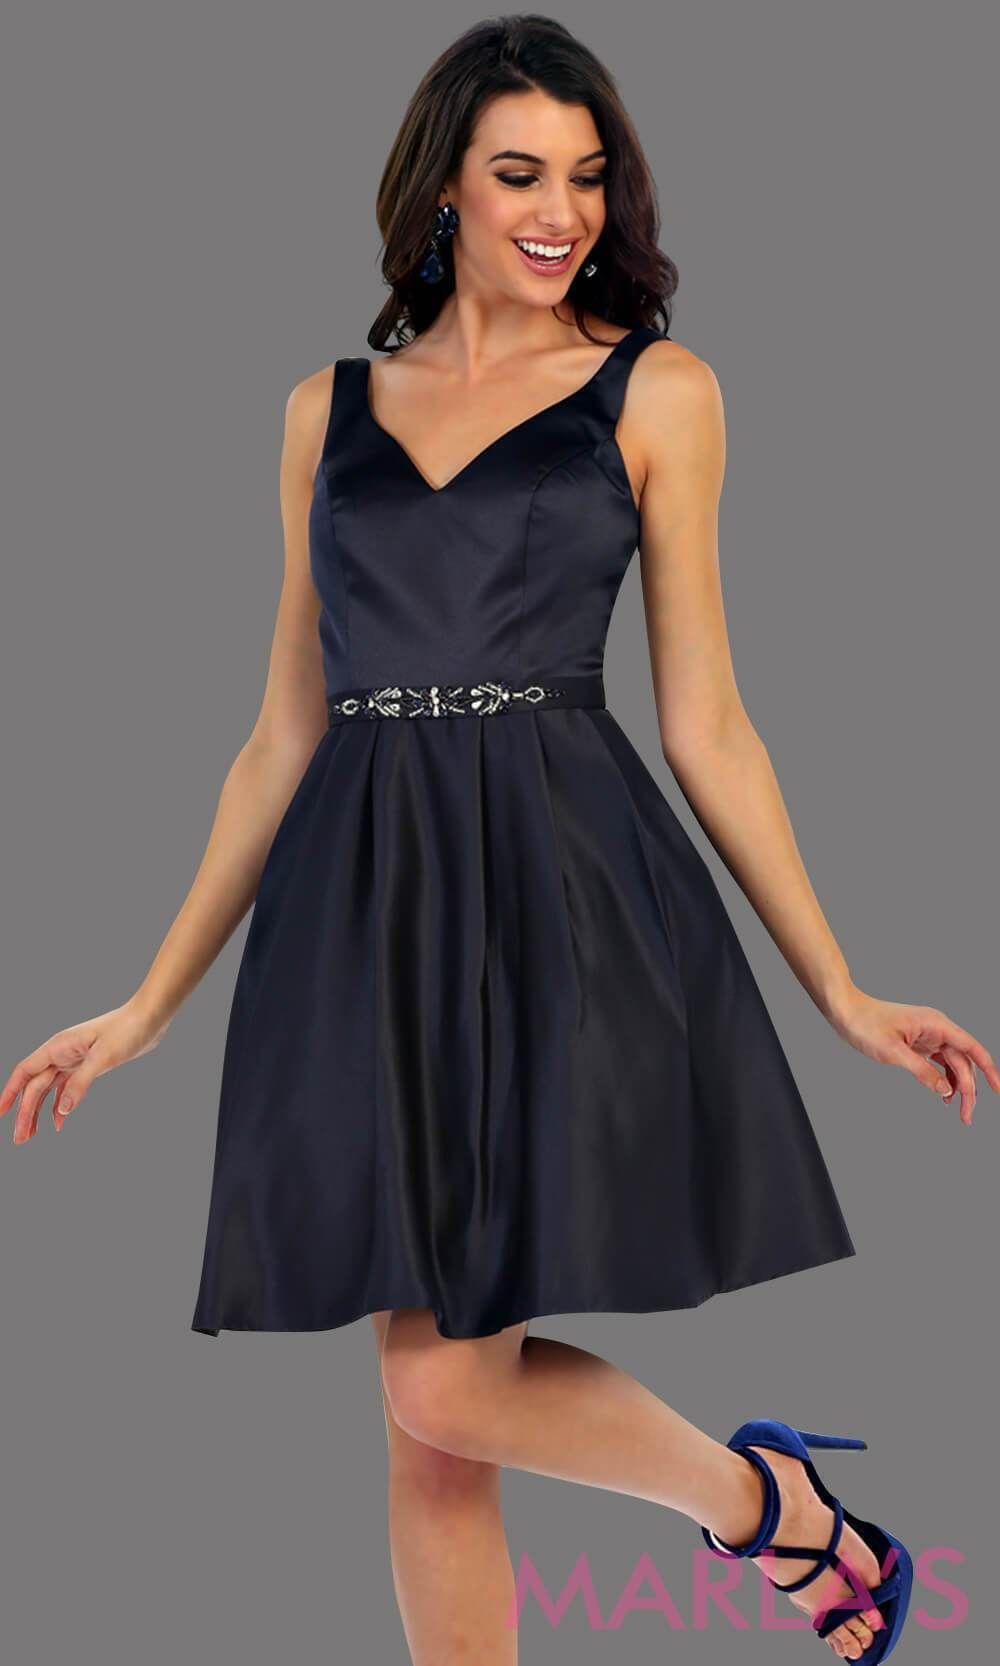 May Queen Mq1477 V Neck Dress Grade 8 Grad Dresses Grad Dresses Grad Dresses Short [ 1666 x 1000 Pixel ]